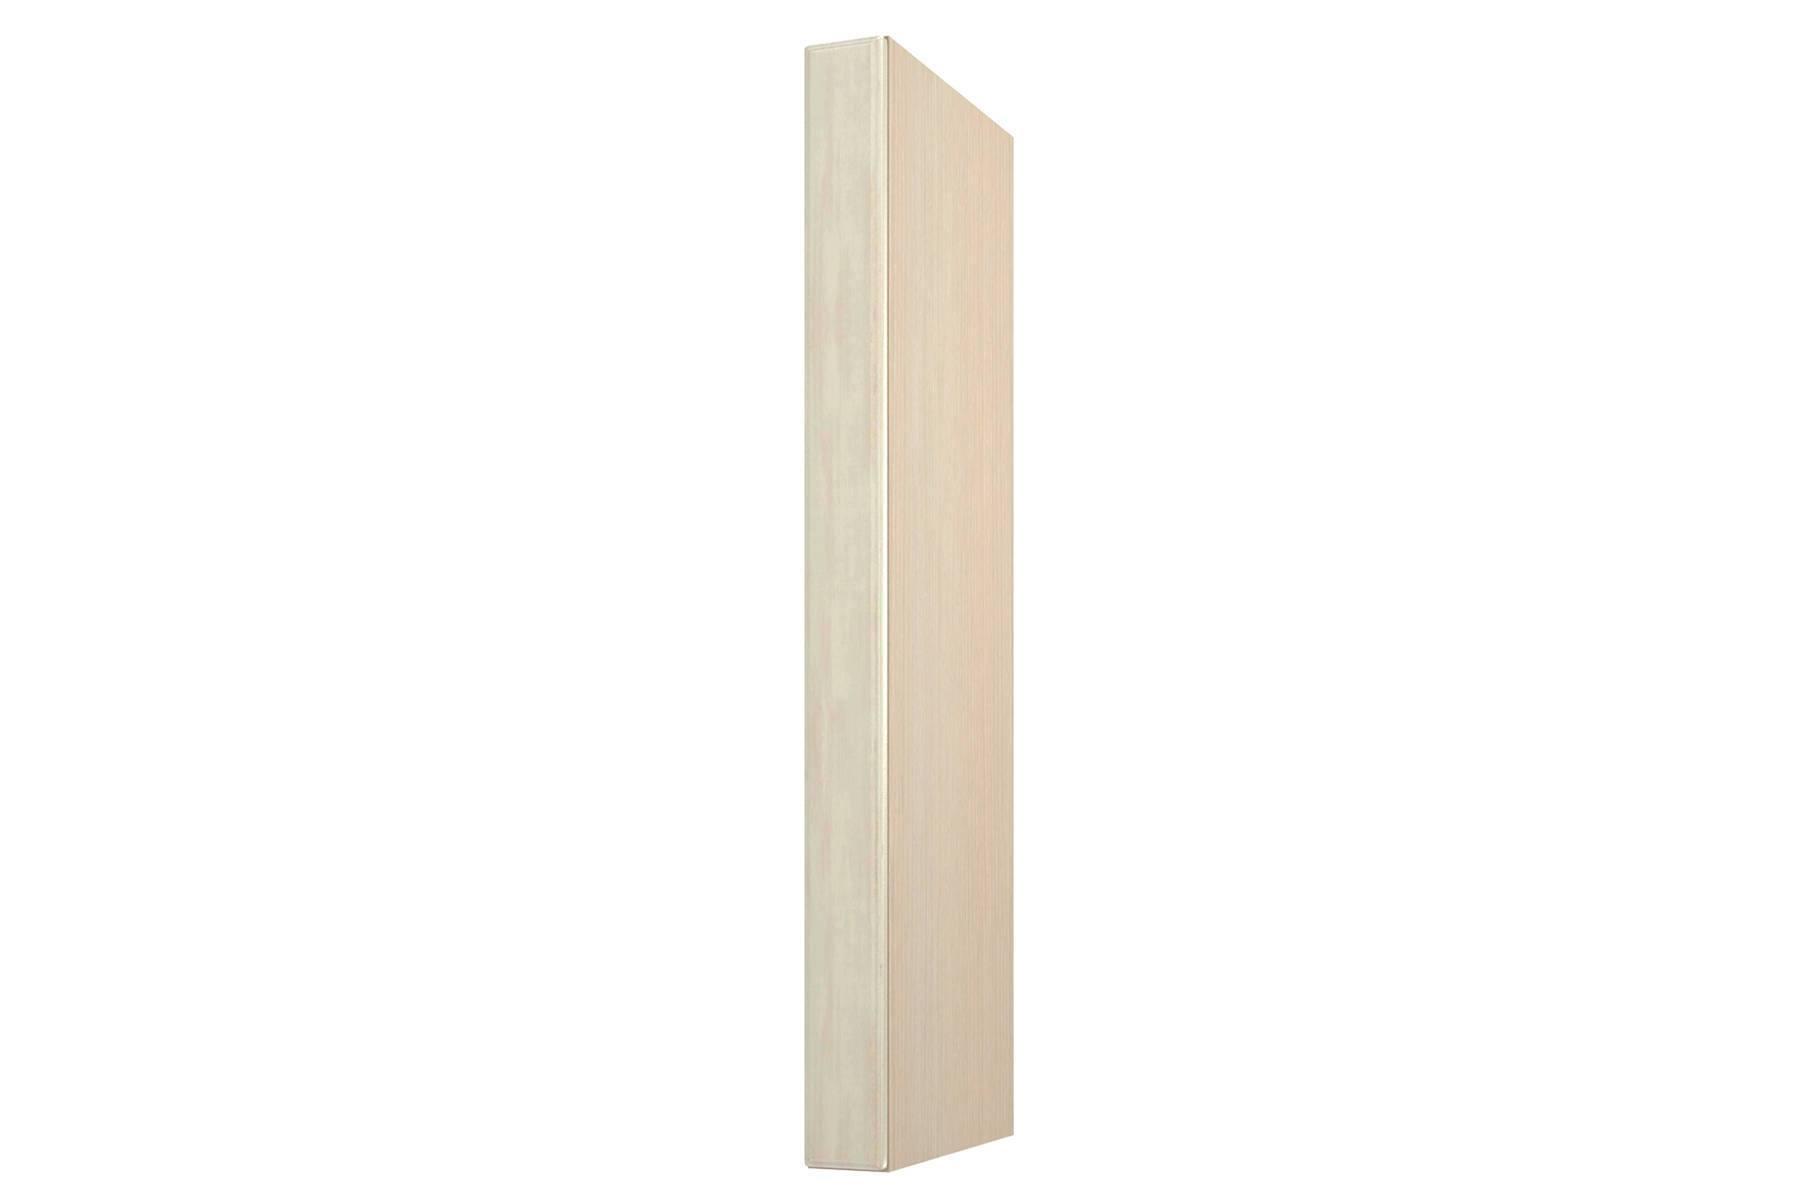 Равенна шкаф вставка размерная 7.5, Н96